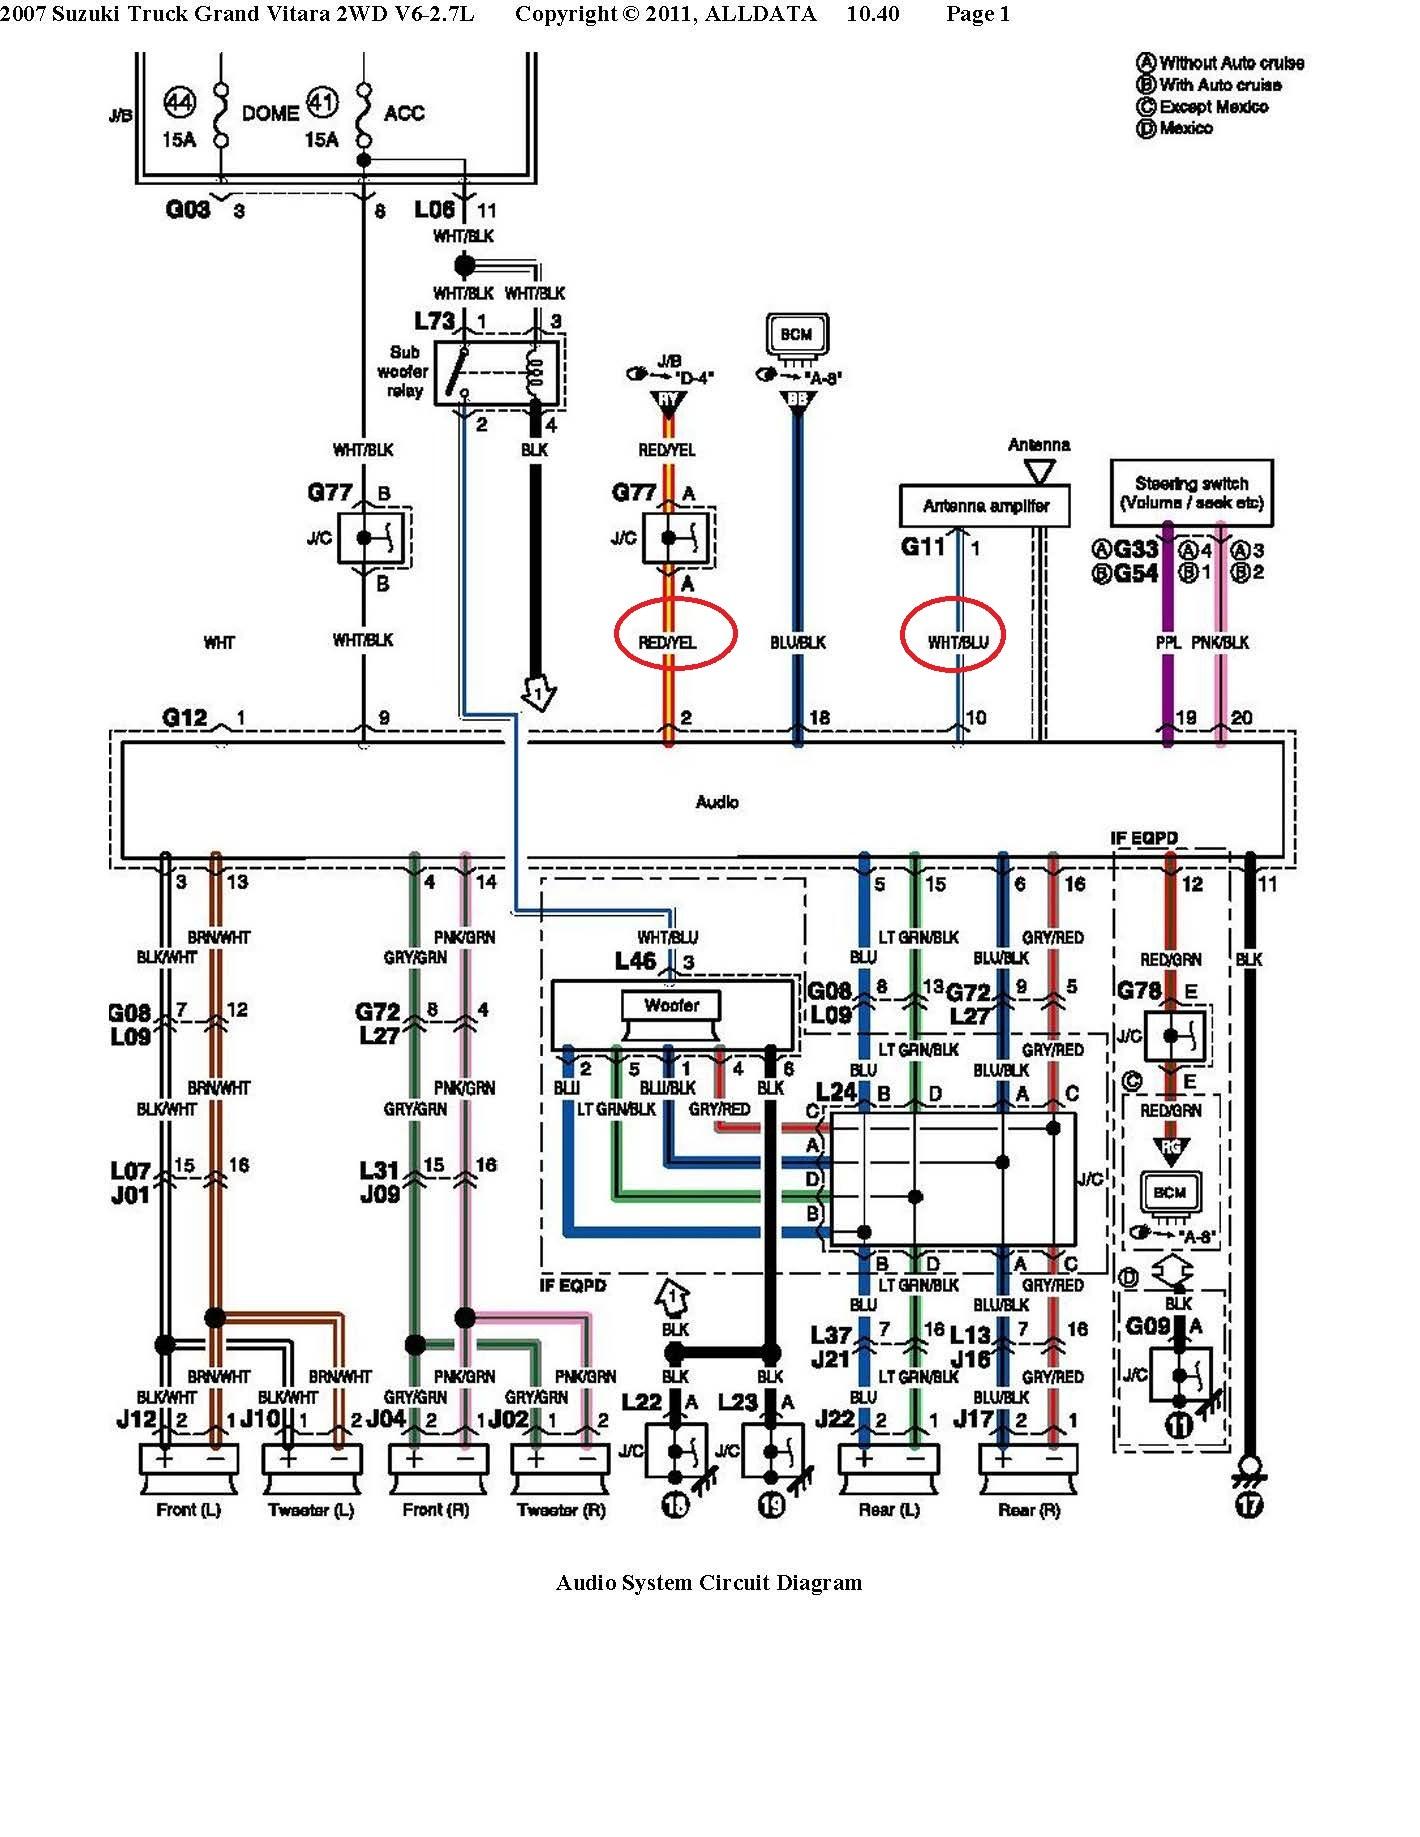 [DIAGRAM_38IU]  GR_4544] Sx4 Central Locking Wiring Wiring Diagram | Vitara Central Locking Wiring Diagram |  | Phil Nerve Argu Ophag Pap Mohammedshrine Librar Wiring 101